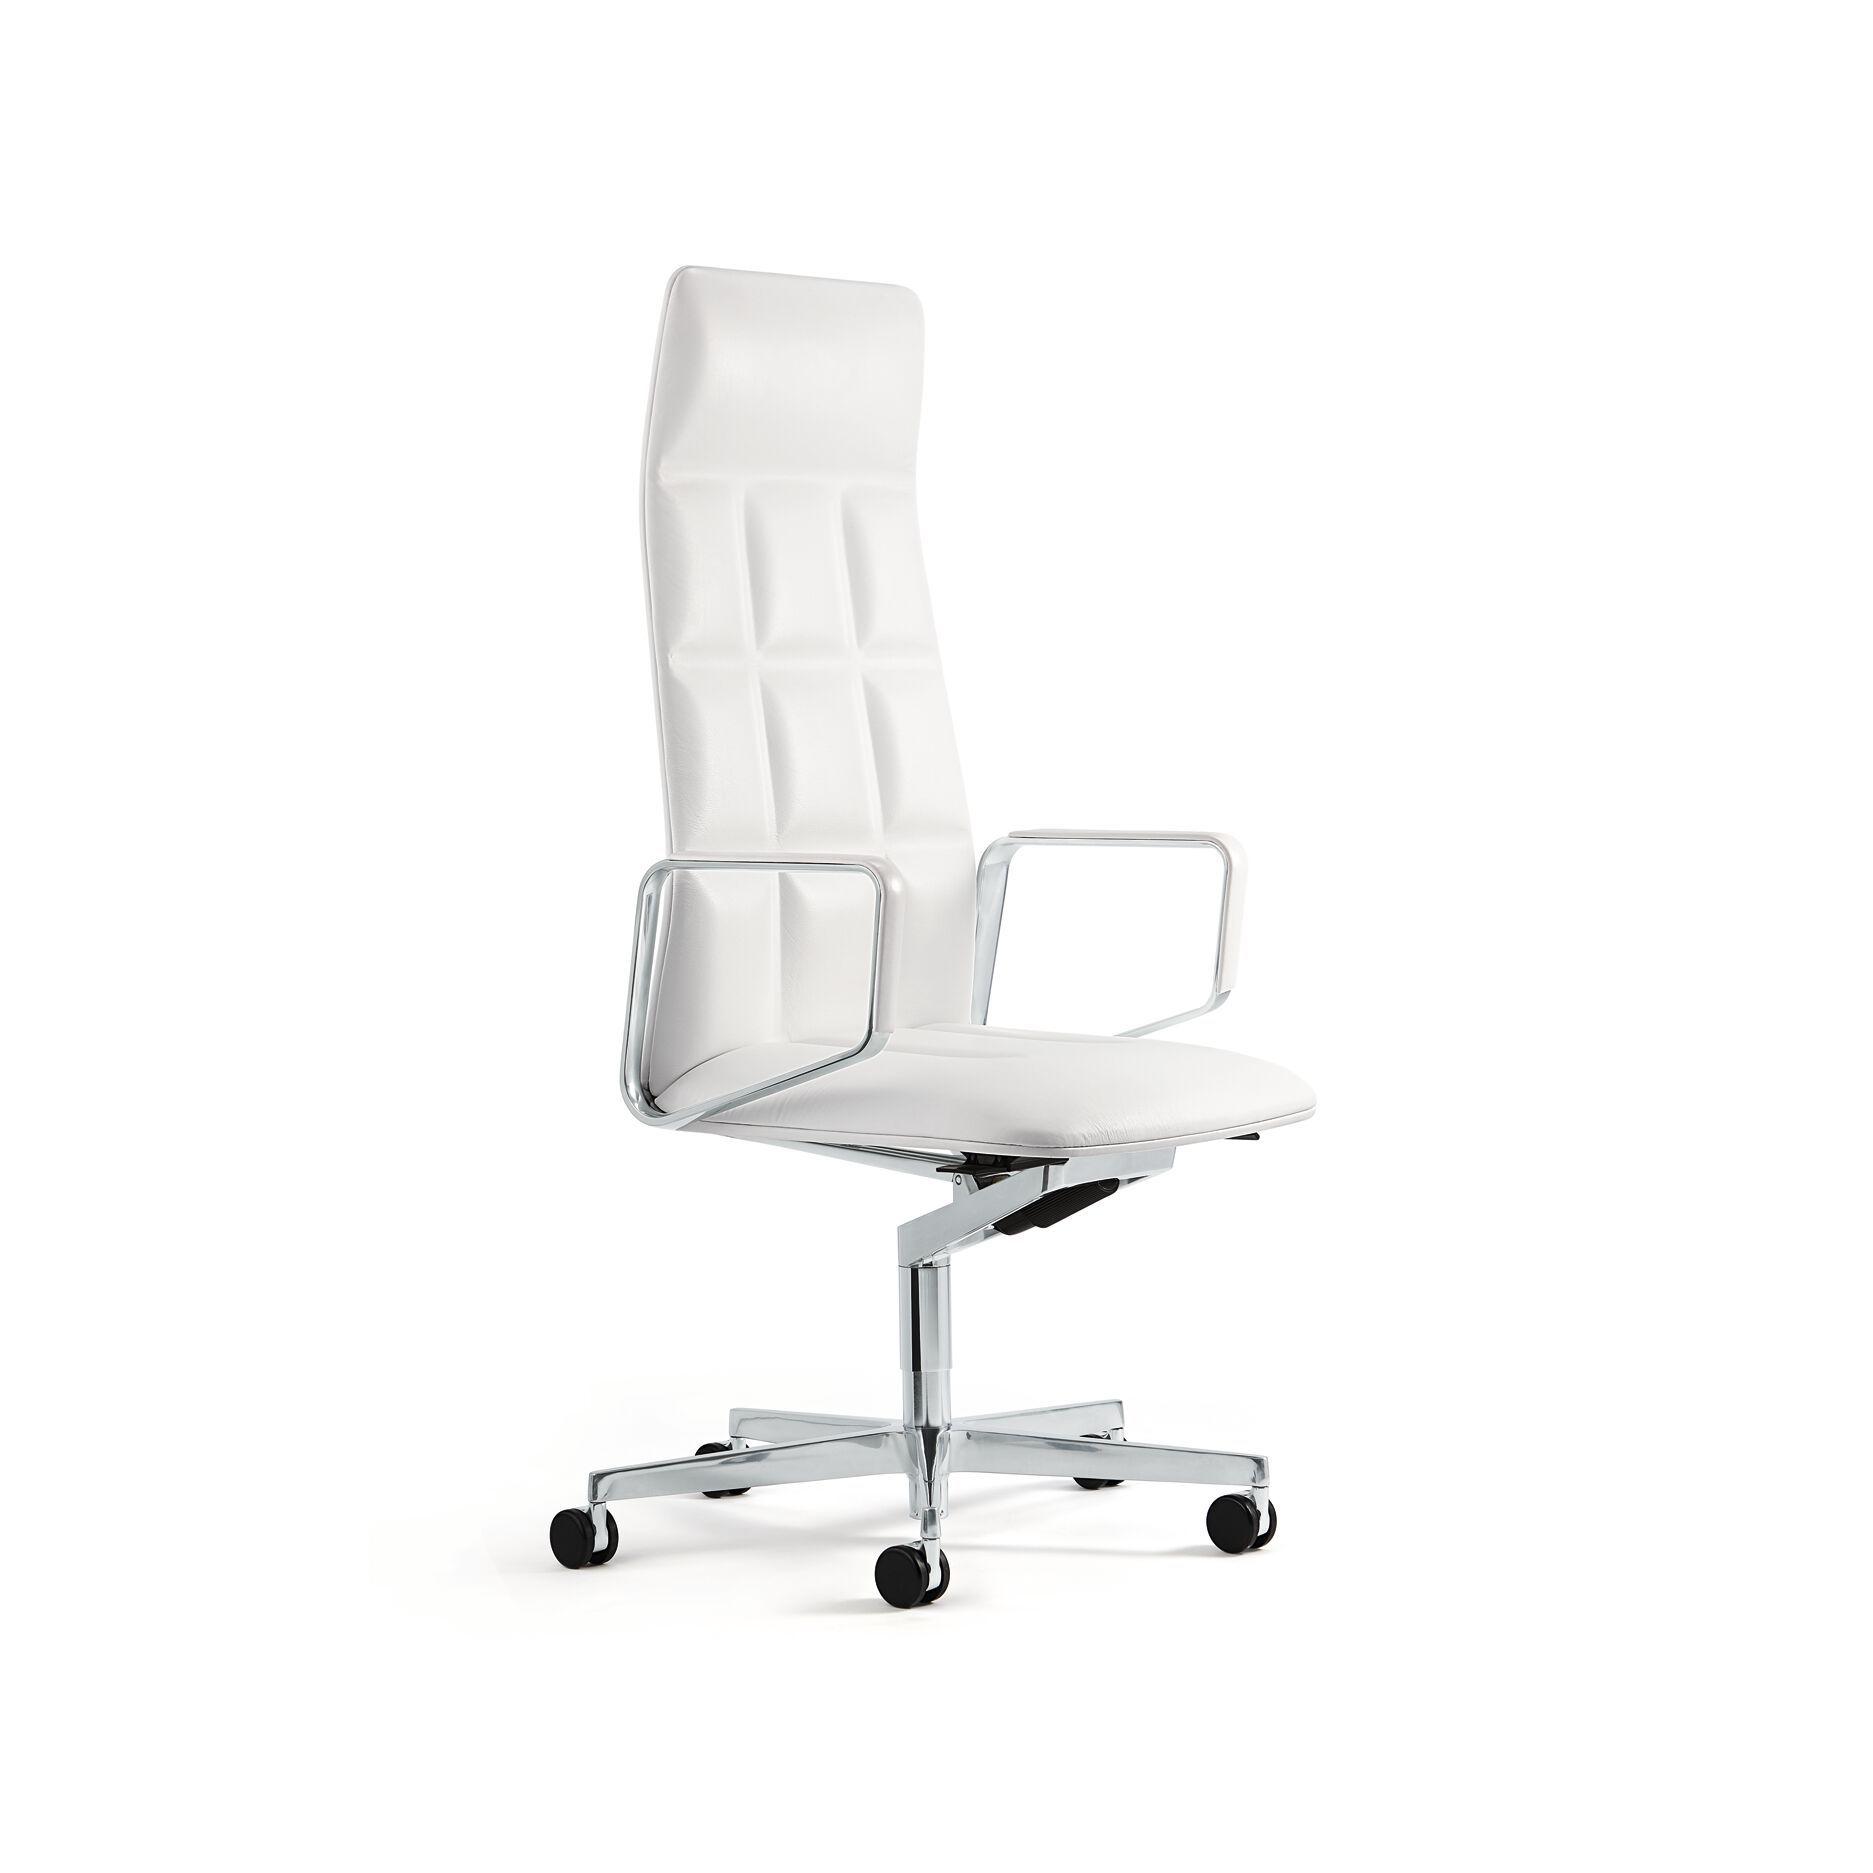 06-WK-Leadchair-0044-H.tif